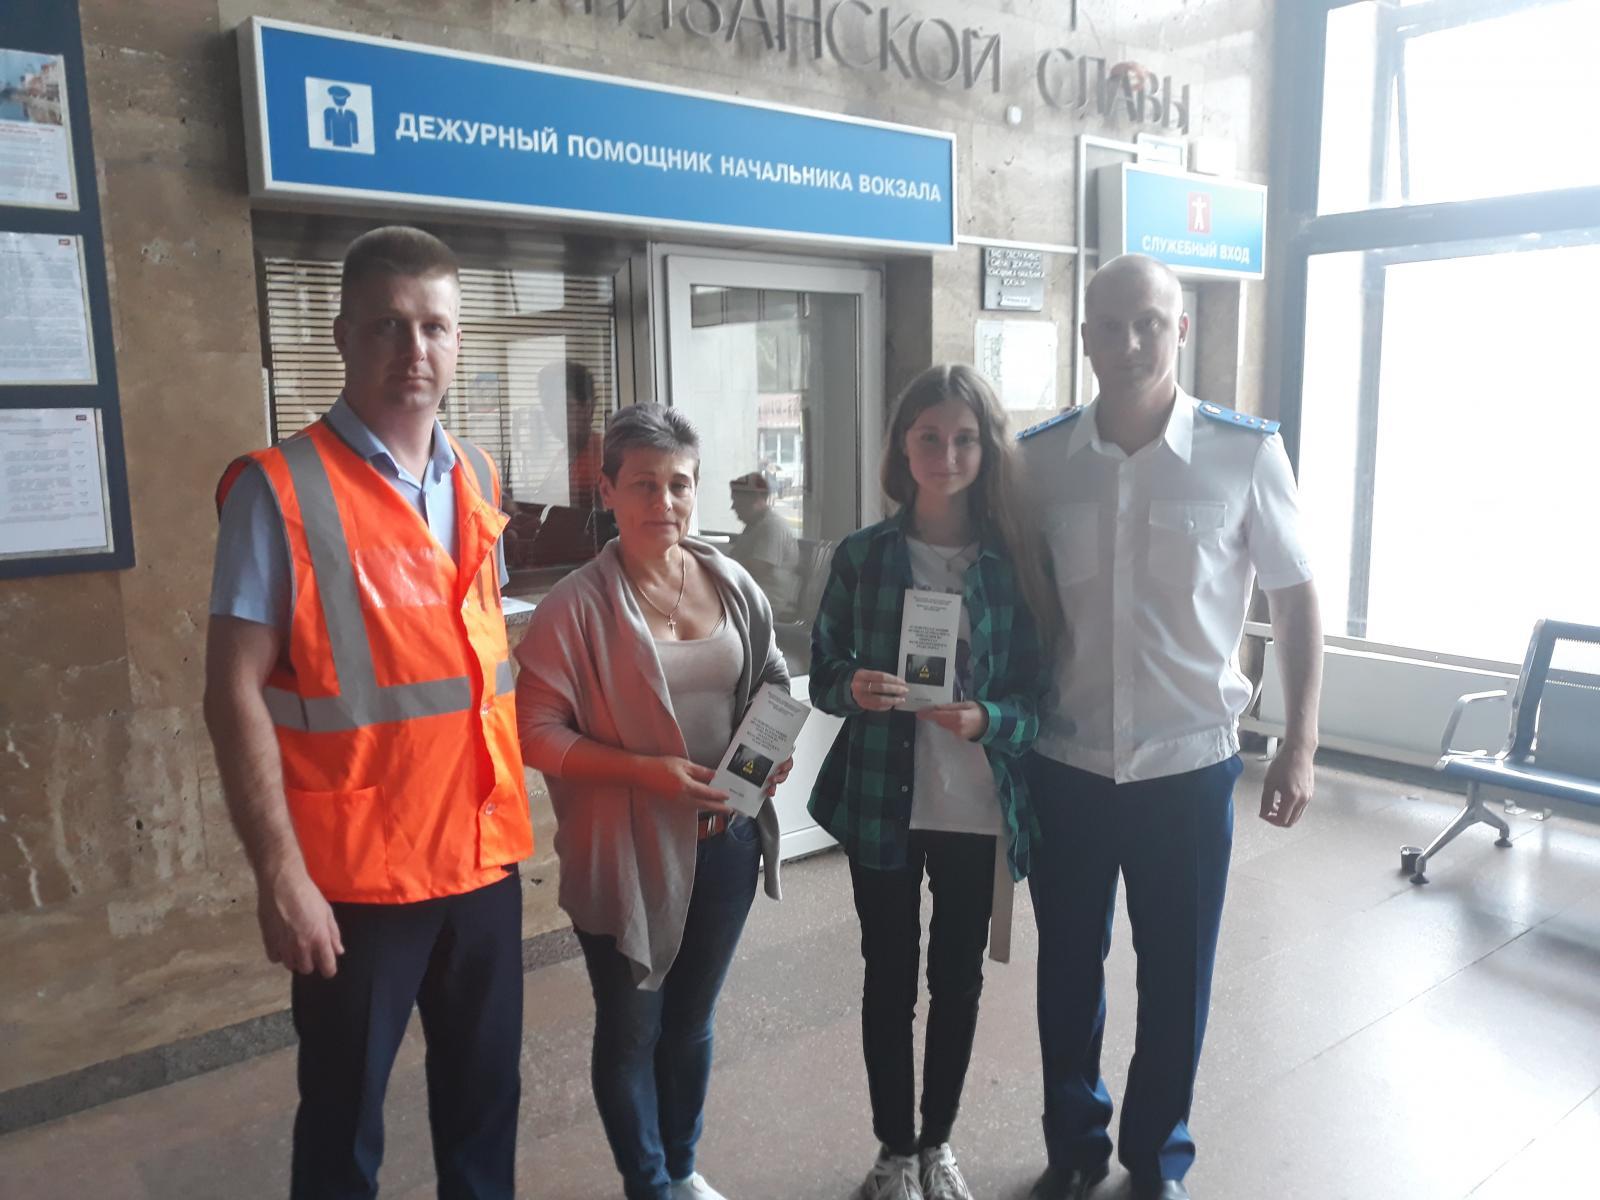 Брянская транспортная прокуратура с участием профсоюзной организации напомнила горожанам о безопасности на железнодорожном транспорте